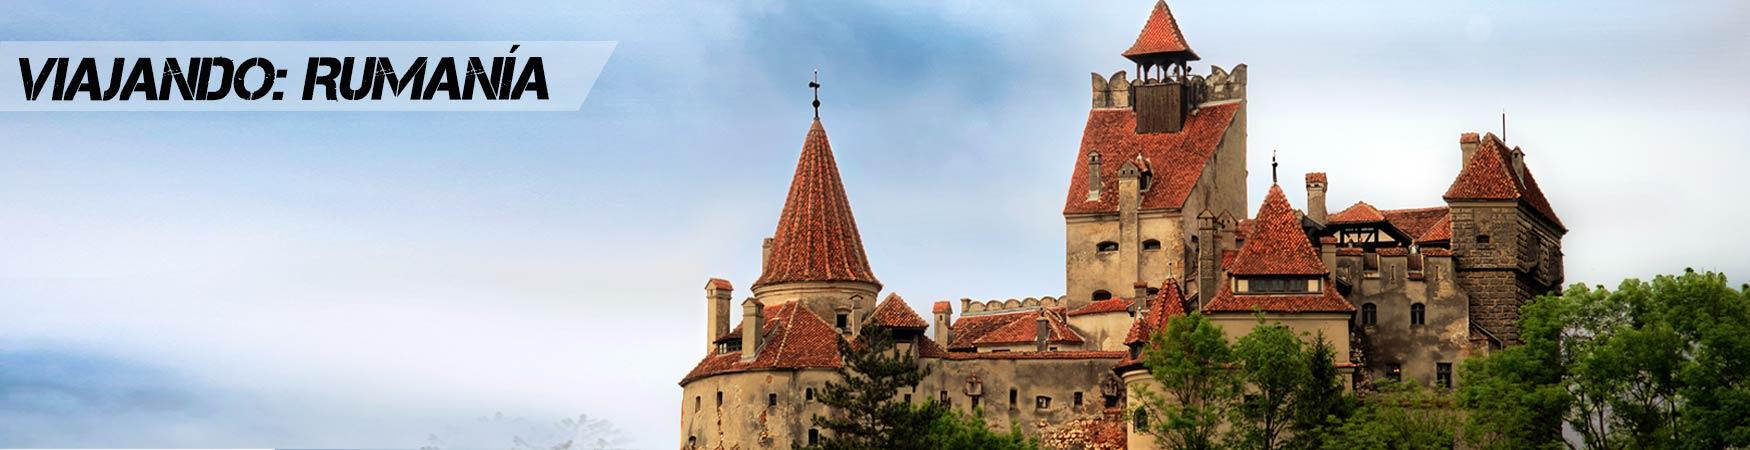 Imagen de portada de nuestro viaje por Rumanía (2016)